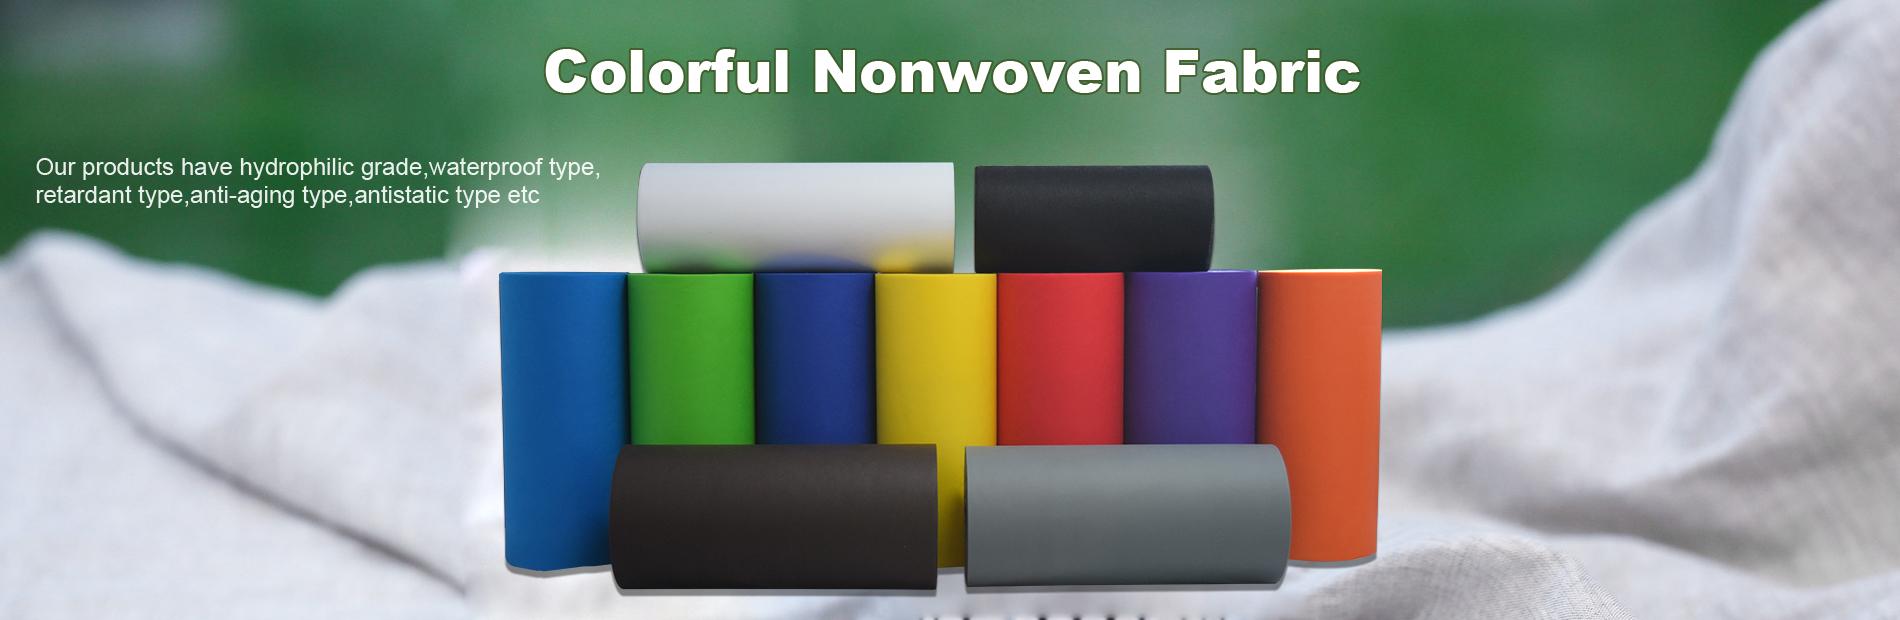 Colorful Nonwoven Fabric